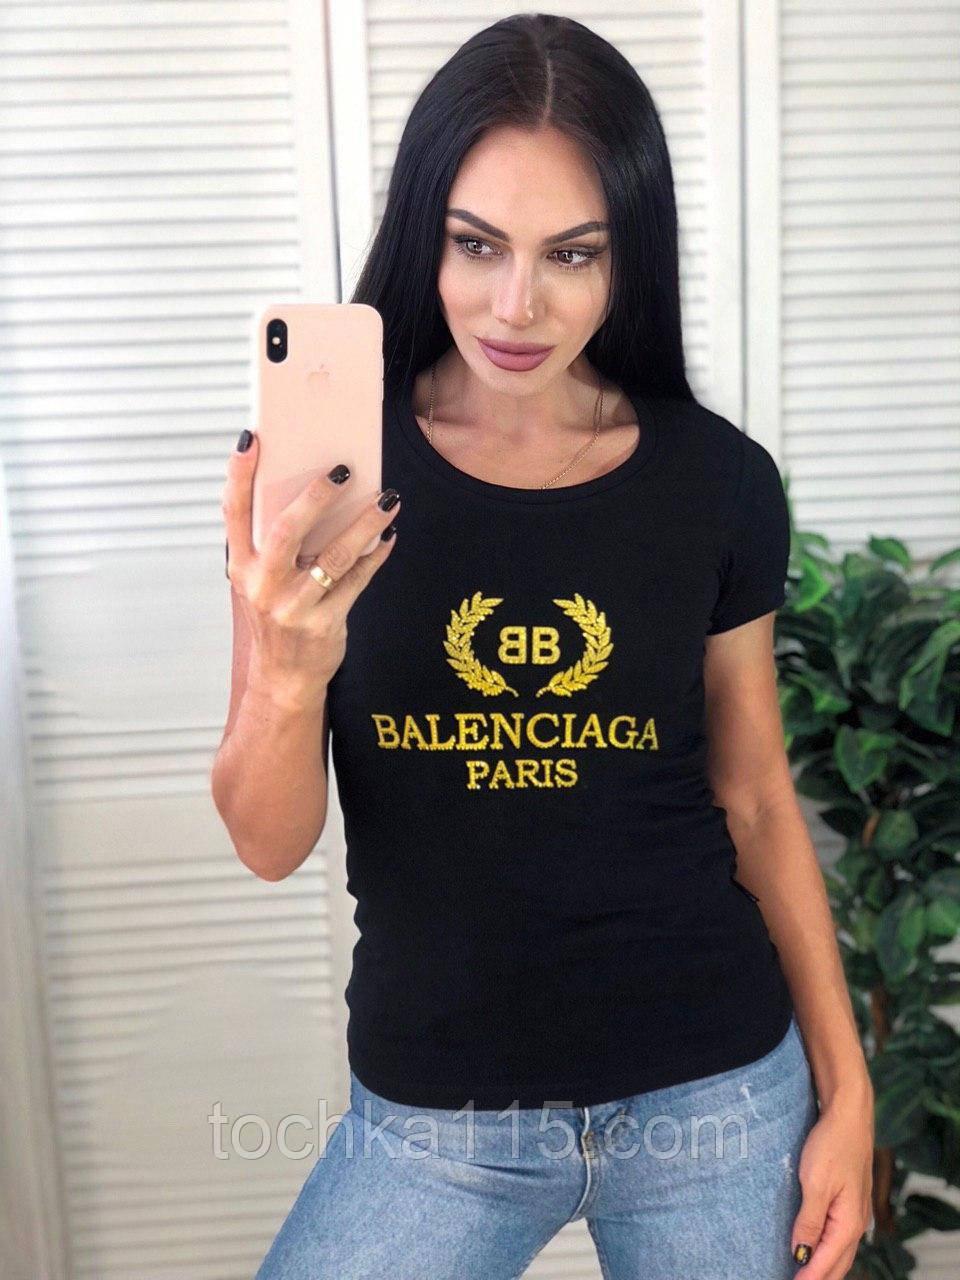 Женская футболка Balenciaga, очень стильная, S/M/L/XL, цвет черный